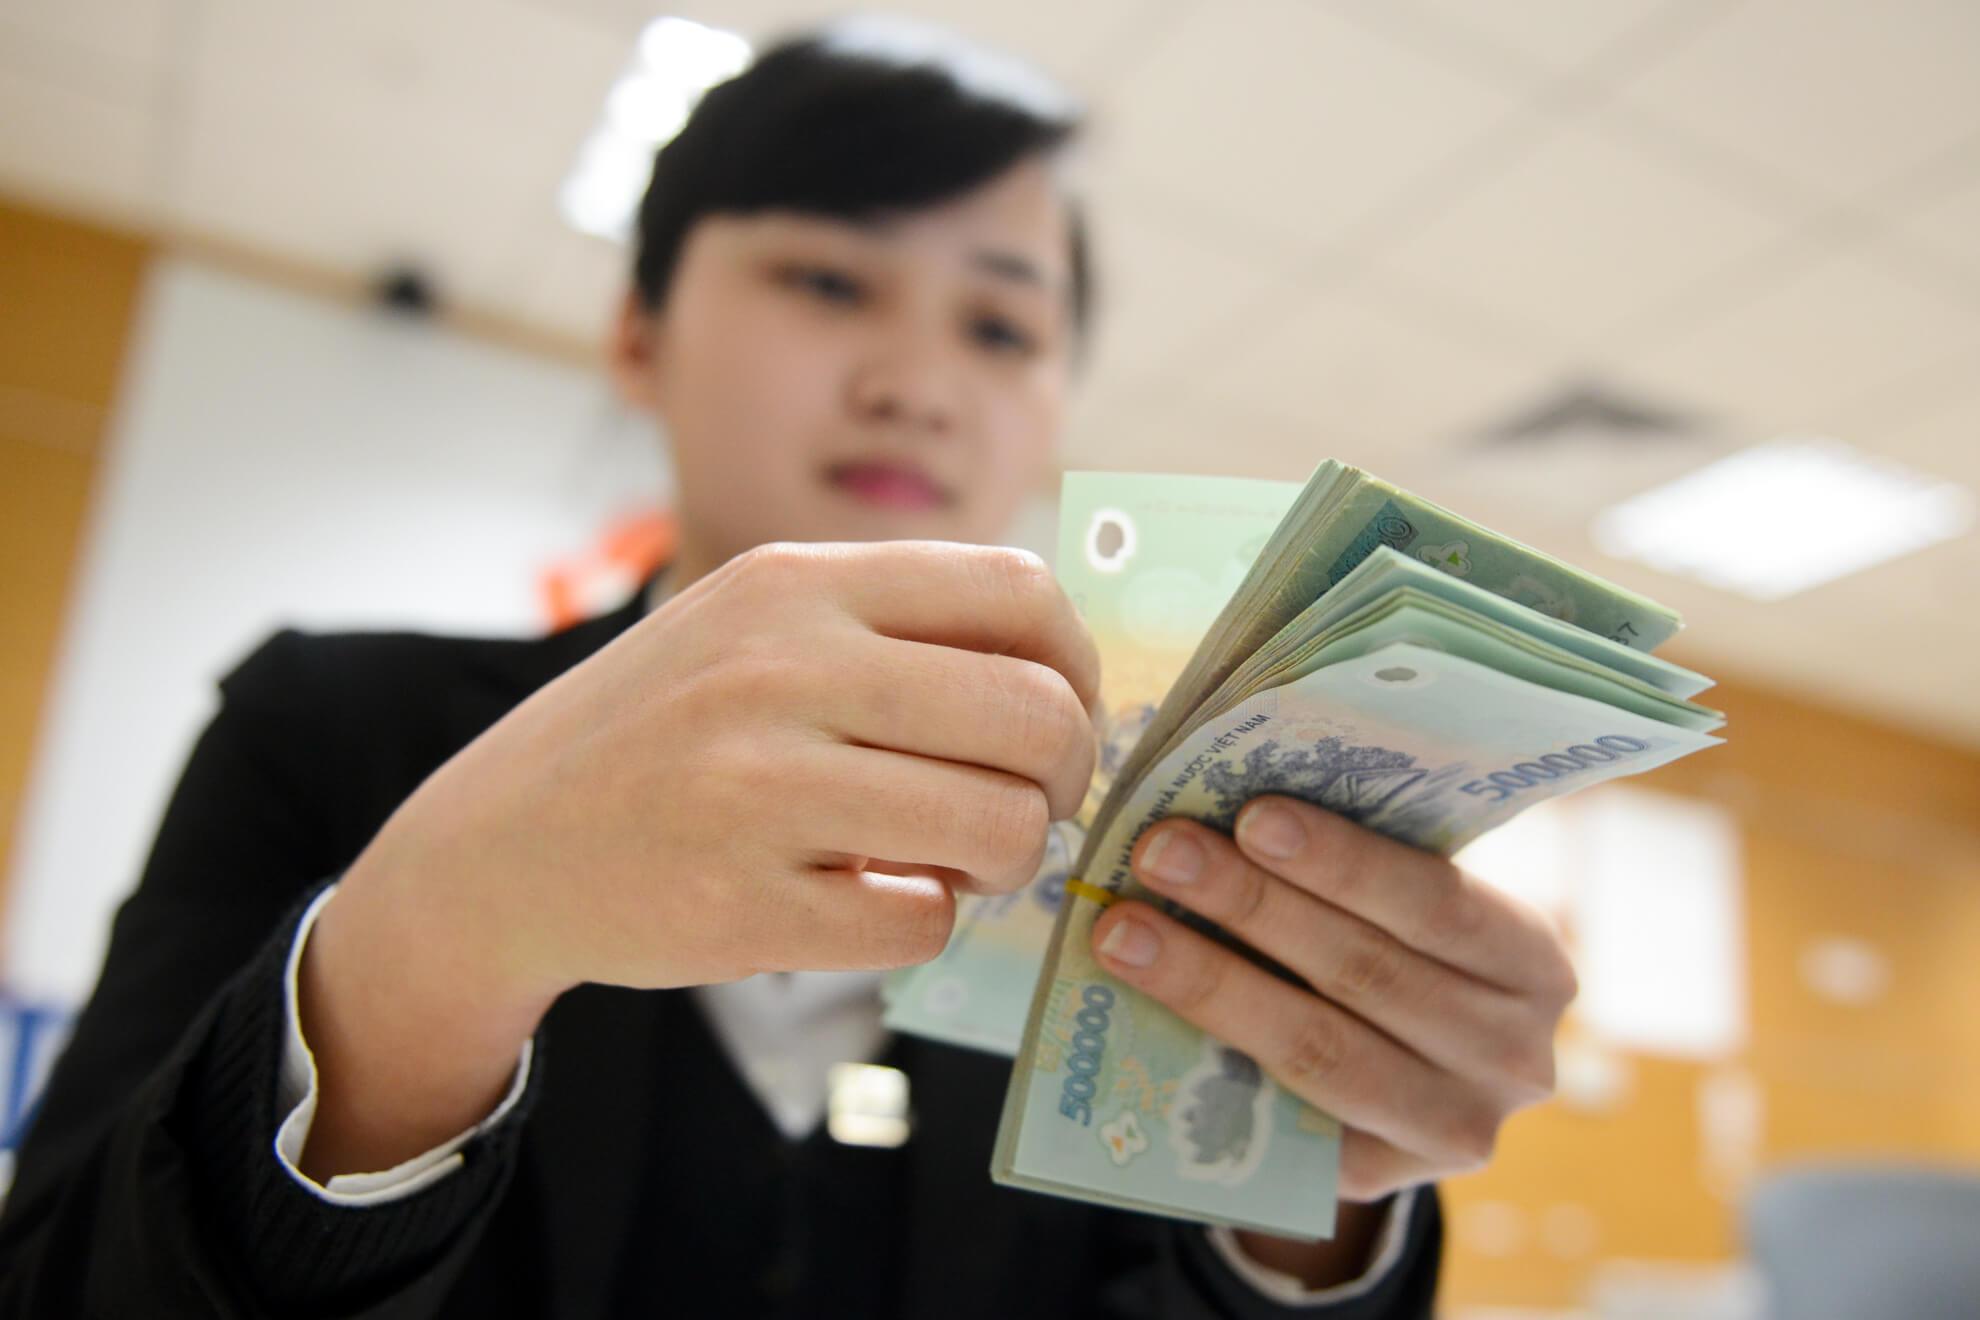 Lãi suất vay ngân hàng bạn cần biết